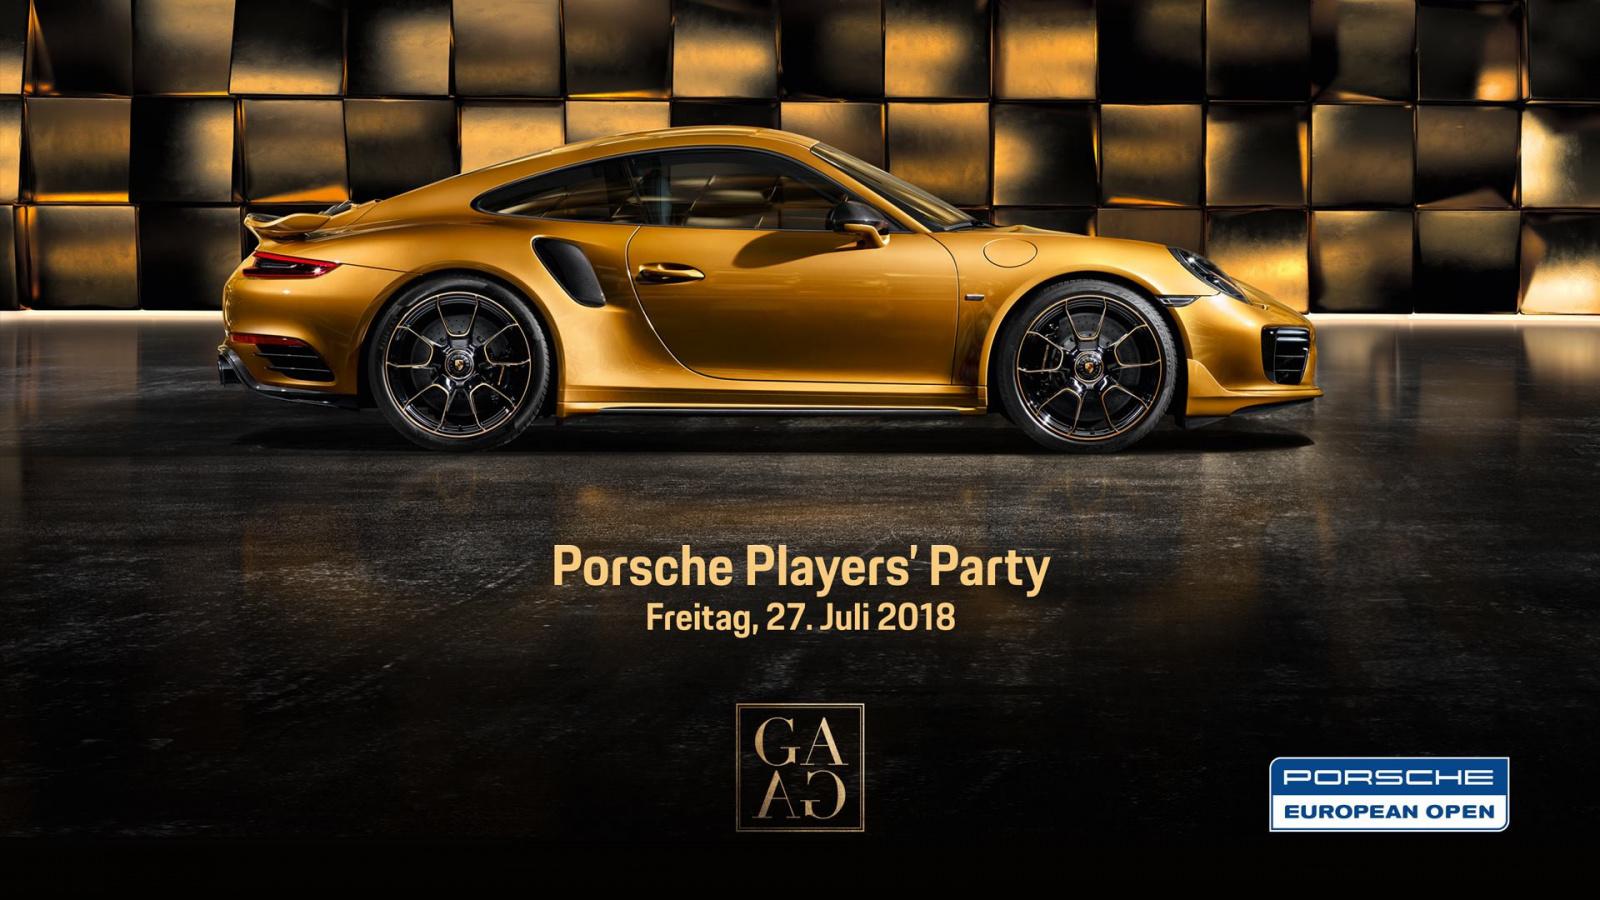 Players' Party - Porsche European Open